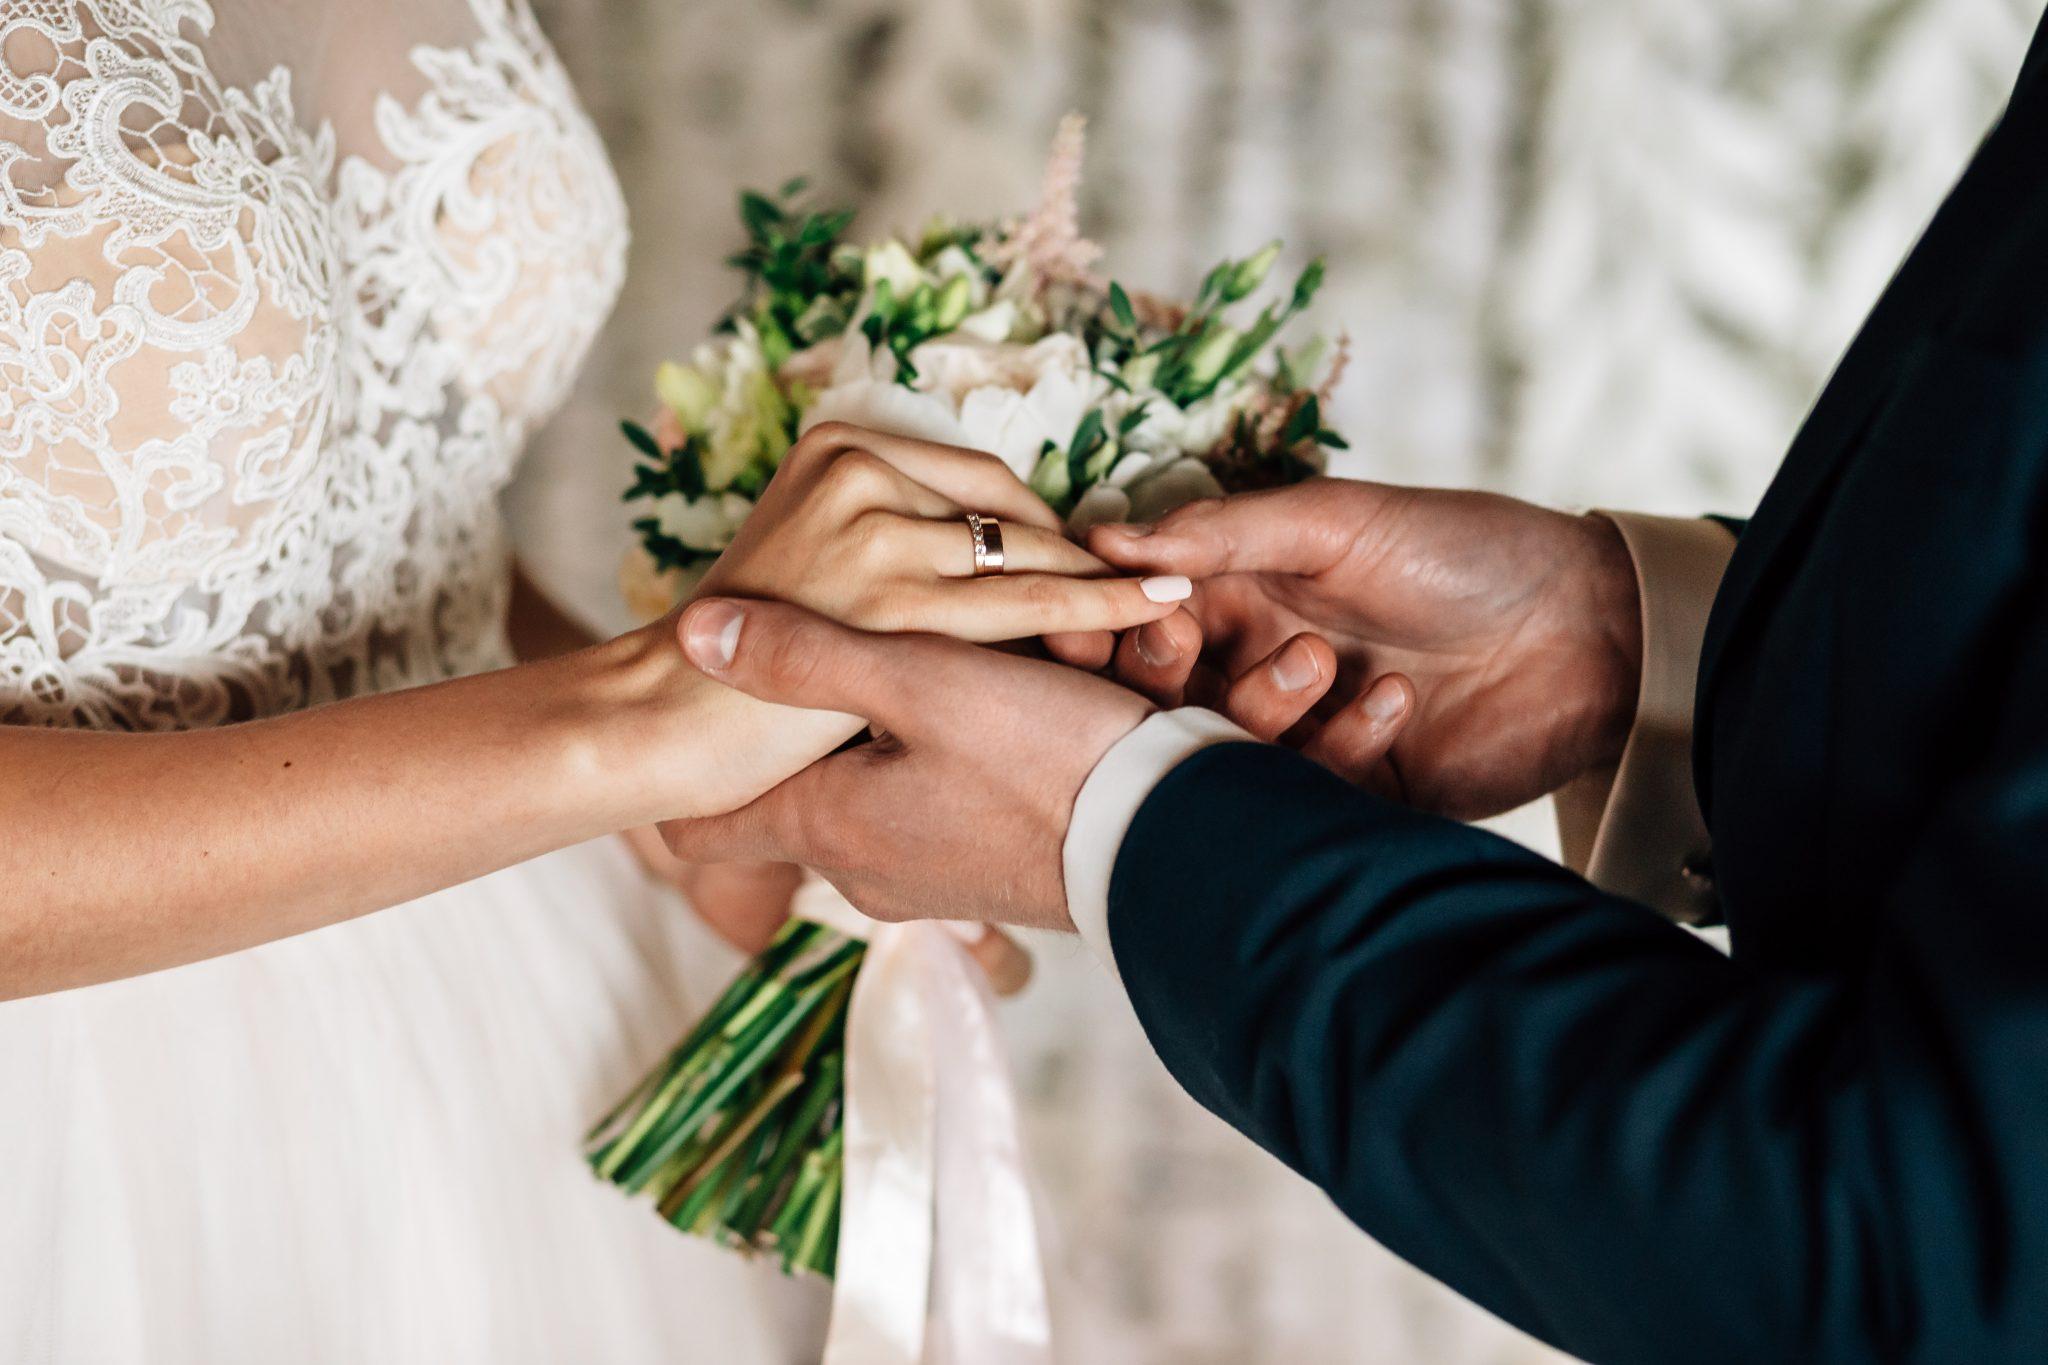 Heiraten in Dänemark: Welche Vorteile hat eine Hochzeit in